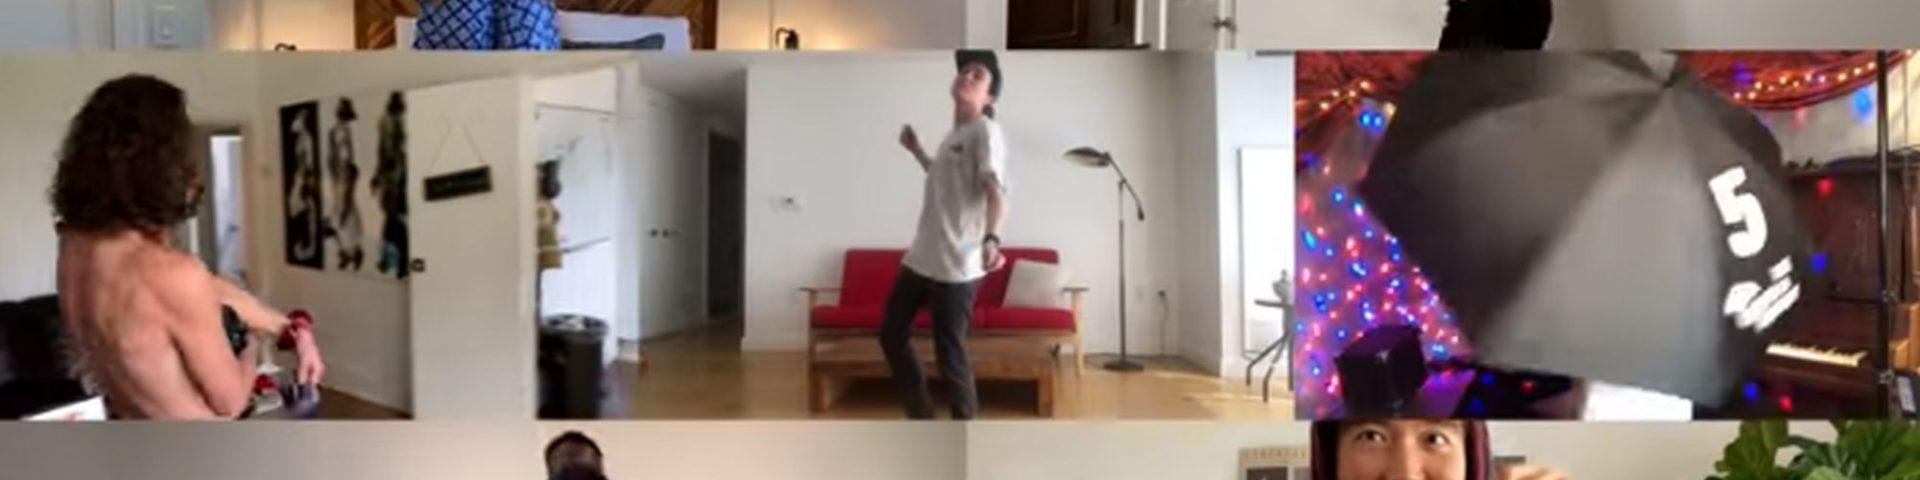 Trailer The Umbrella Academy – Stagione 2: colonna sonora e attori (Video)